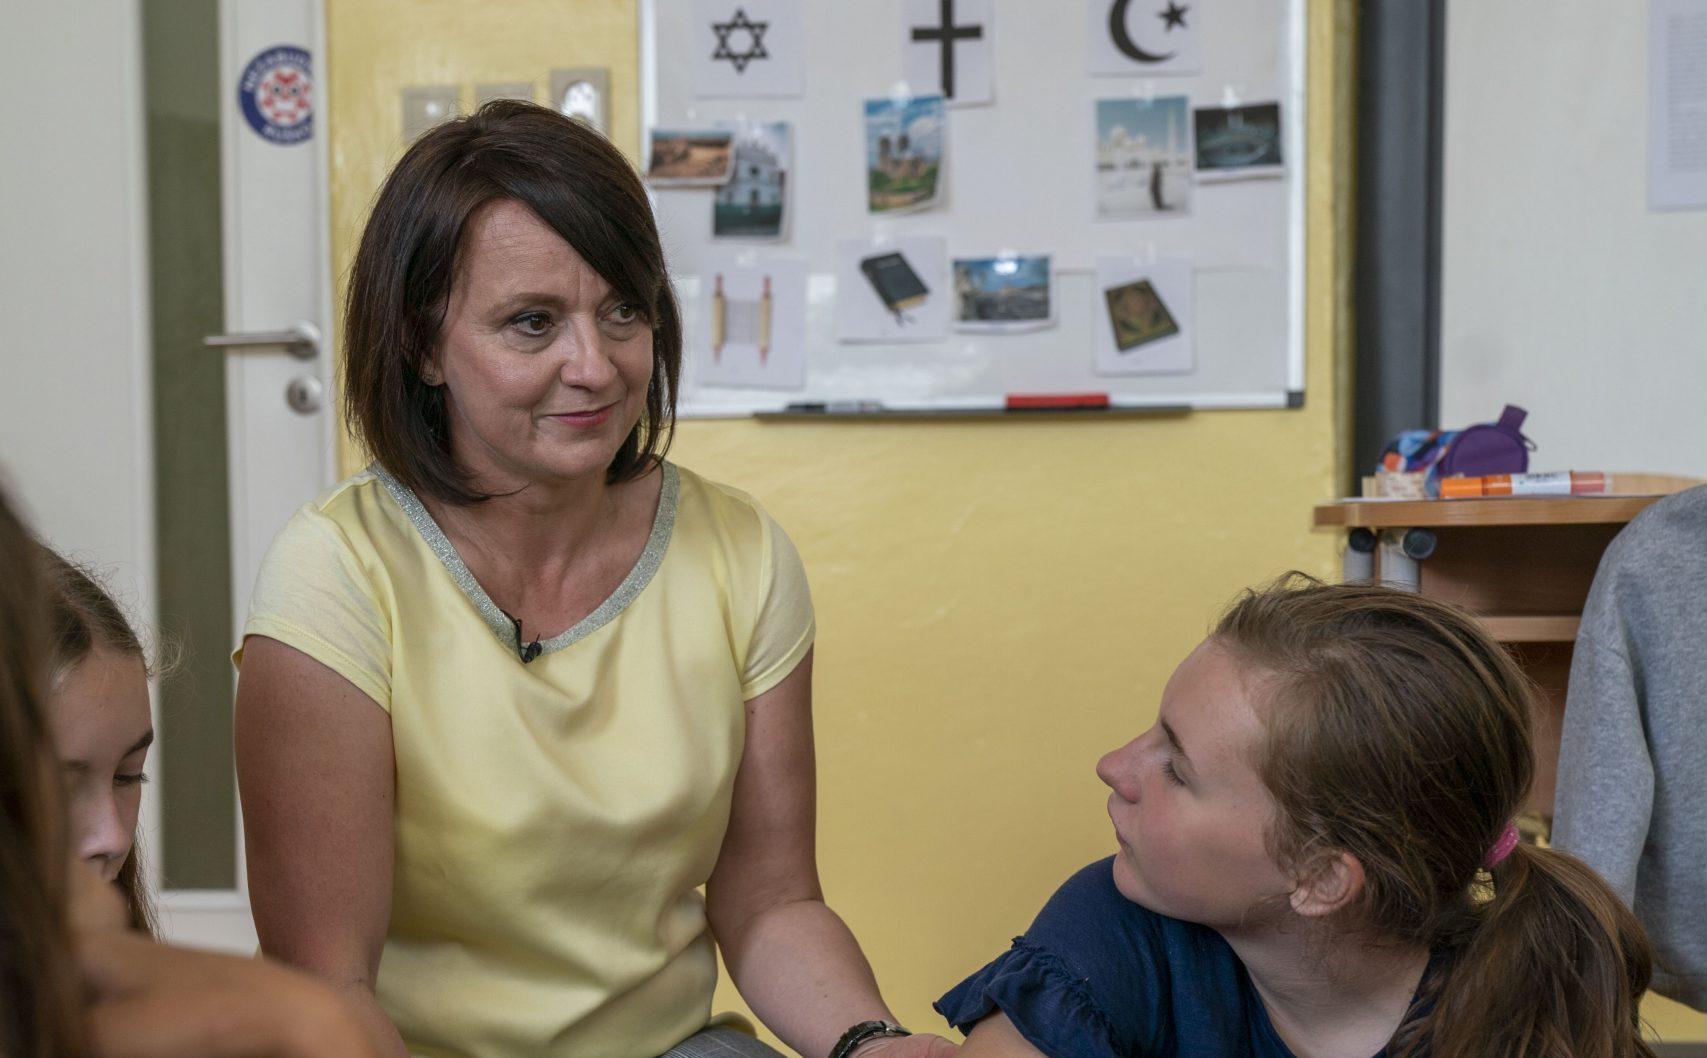 Učiteľka Slovenska 2020: Dobrá škola by mala mať spokojné deti, spokojných učiteľov a spokojných rodičov